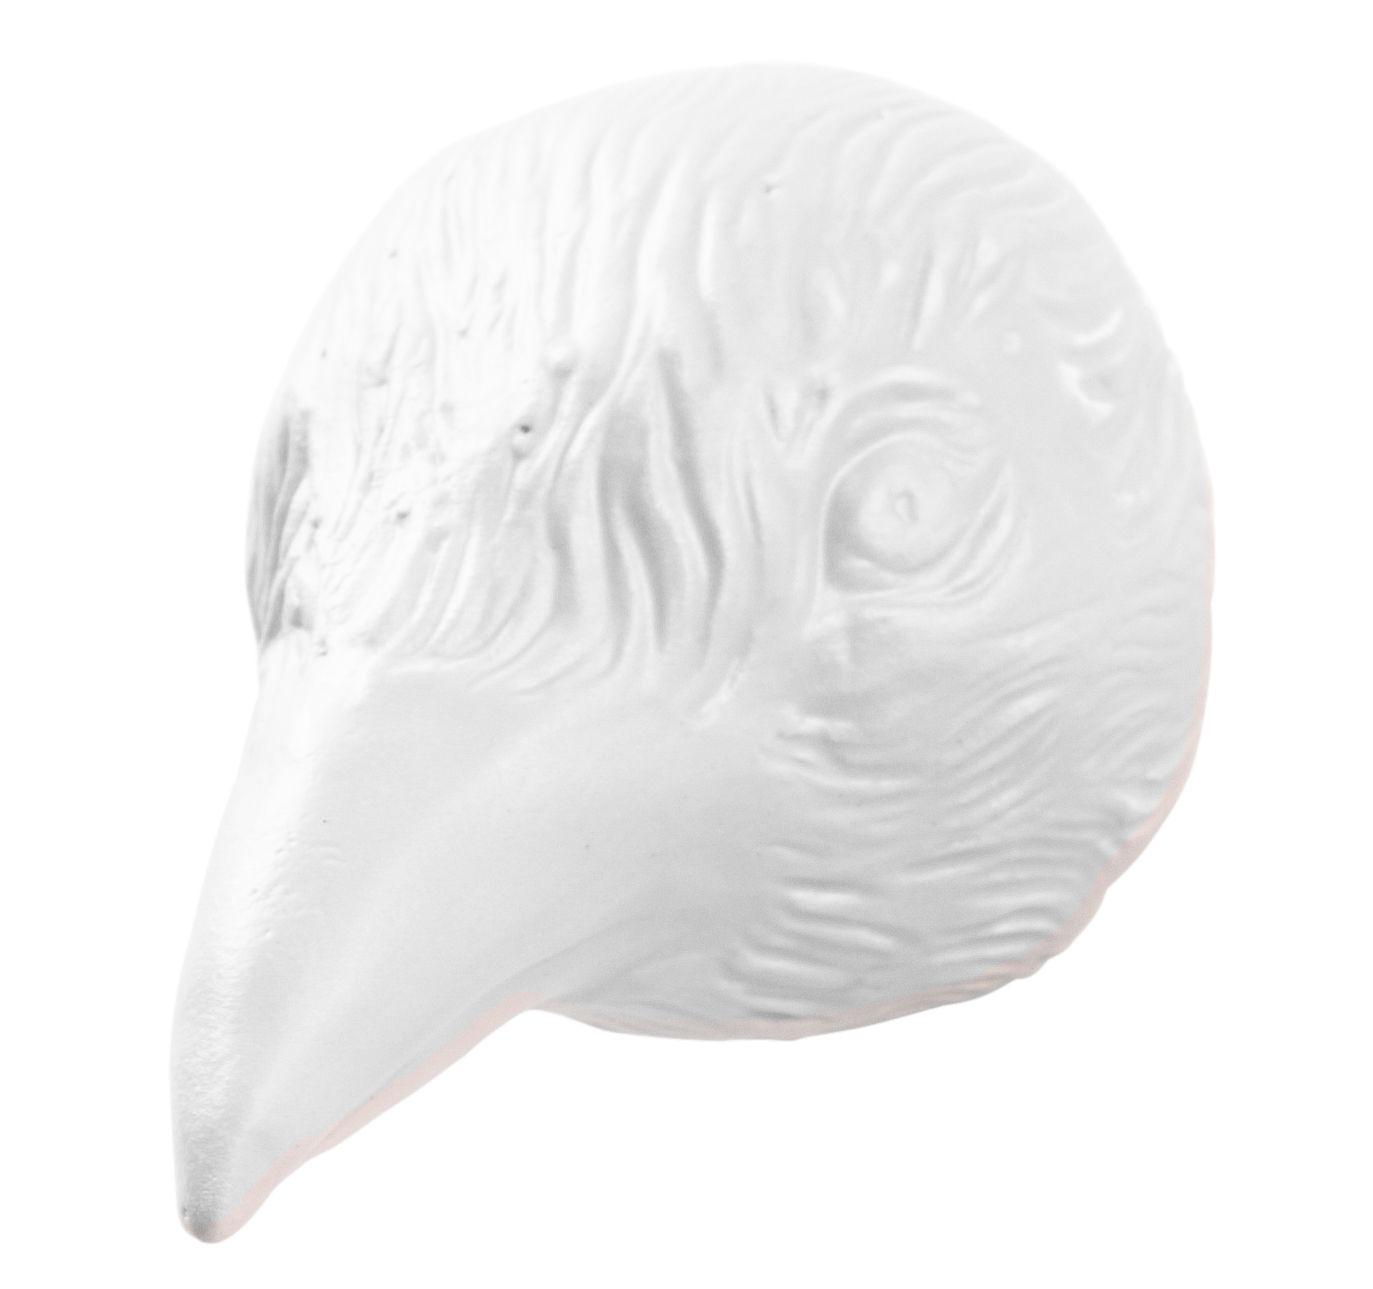 Mobilier - Portemanteaux, patères & portants - Patère Birdy - Domestic - Blanc / Oiseau - Céramique